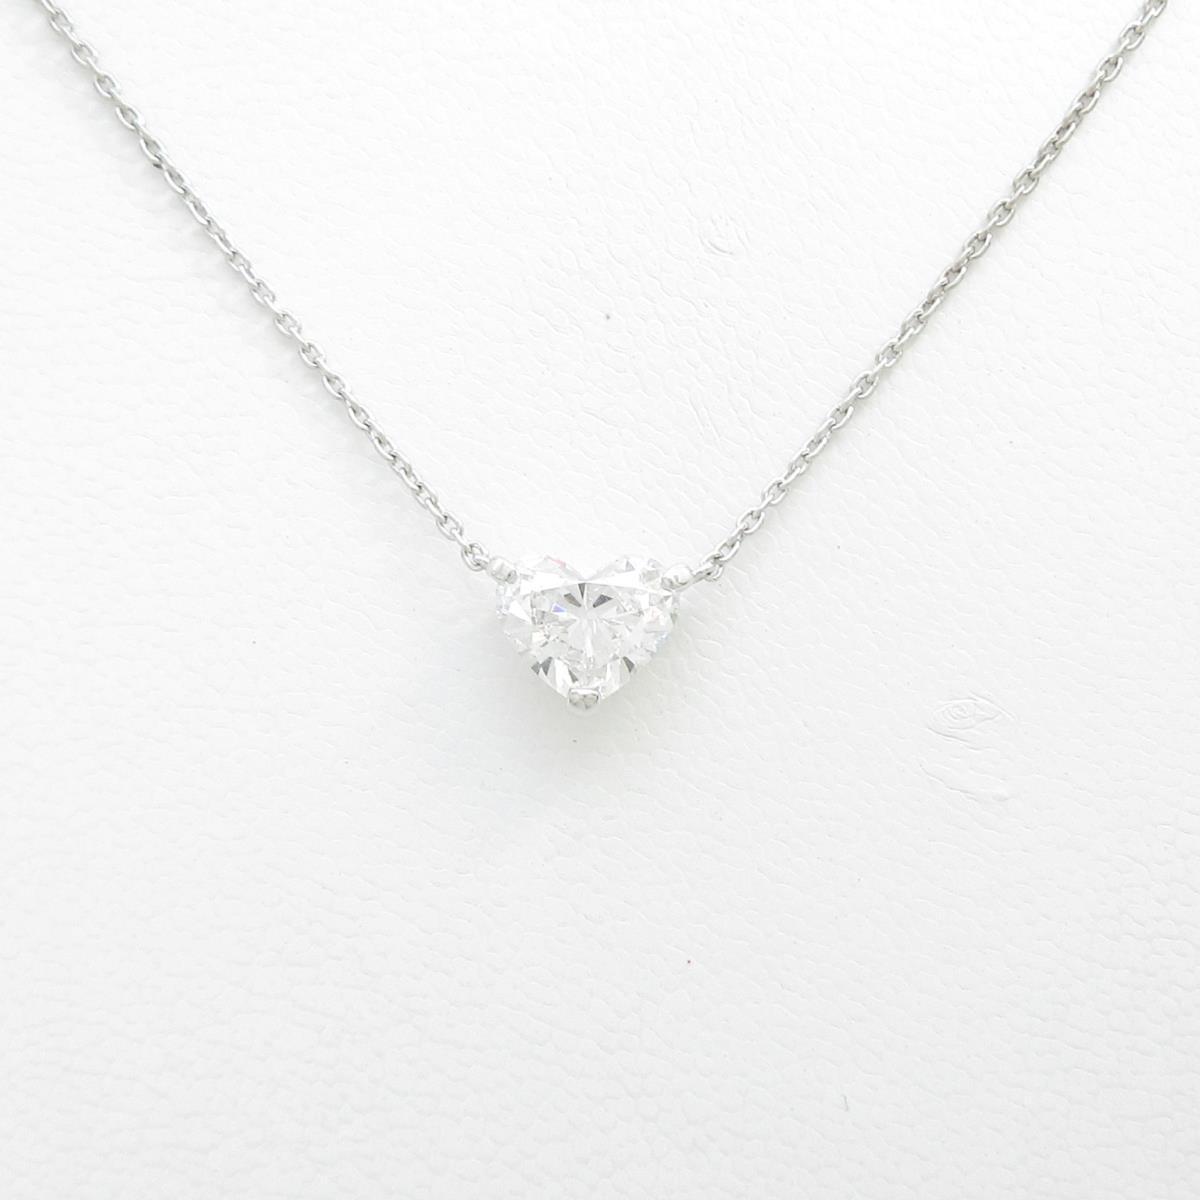 【リメイク】プラチナダイヤモンドネックレス 1.527ct・F・SI1・ハートシェイプ【中古】